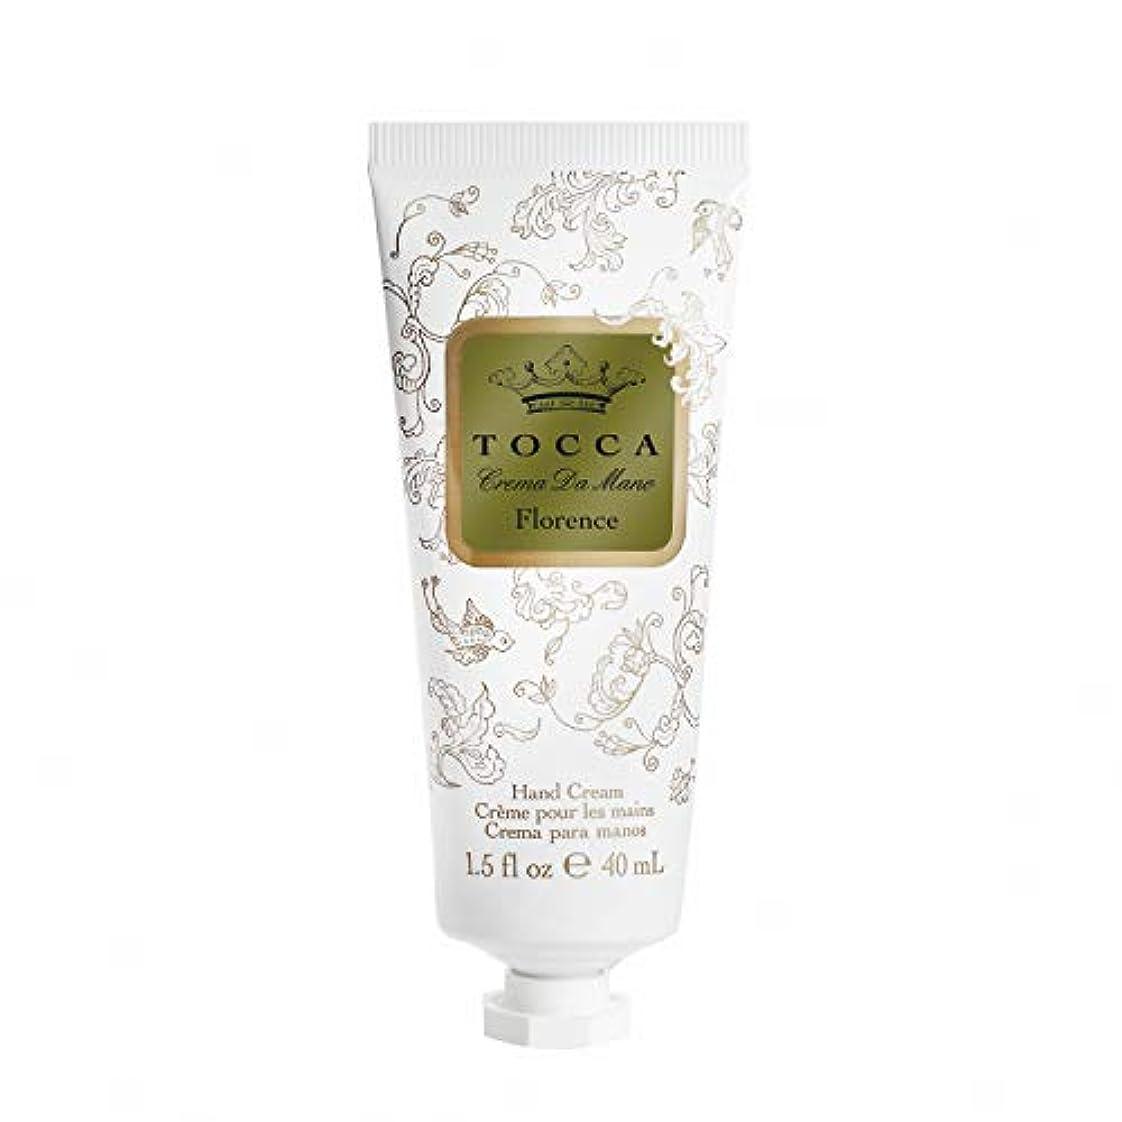 美しい内部買収トッカ(TOCCA) ハンドクリーム フローレンスの香り 40mL (ガーデニアとベルガモットが誘うように溶け合うどこまでも上品なフローラルの香り)